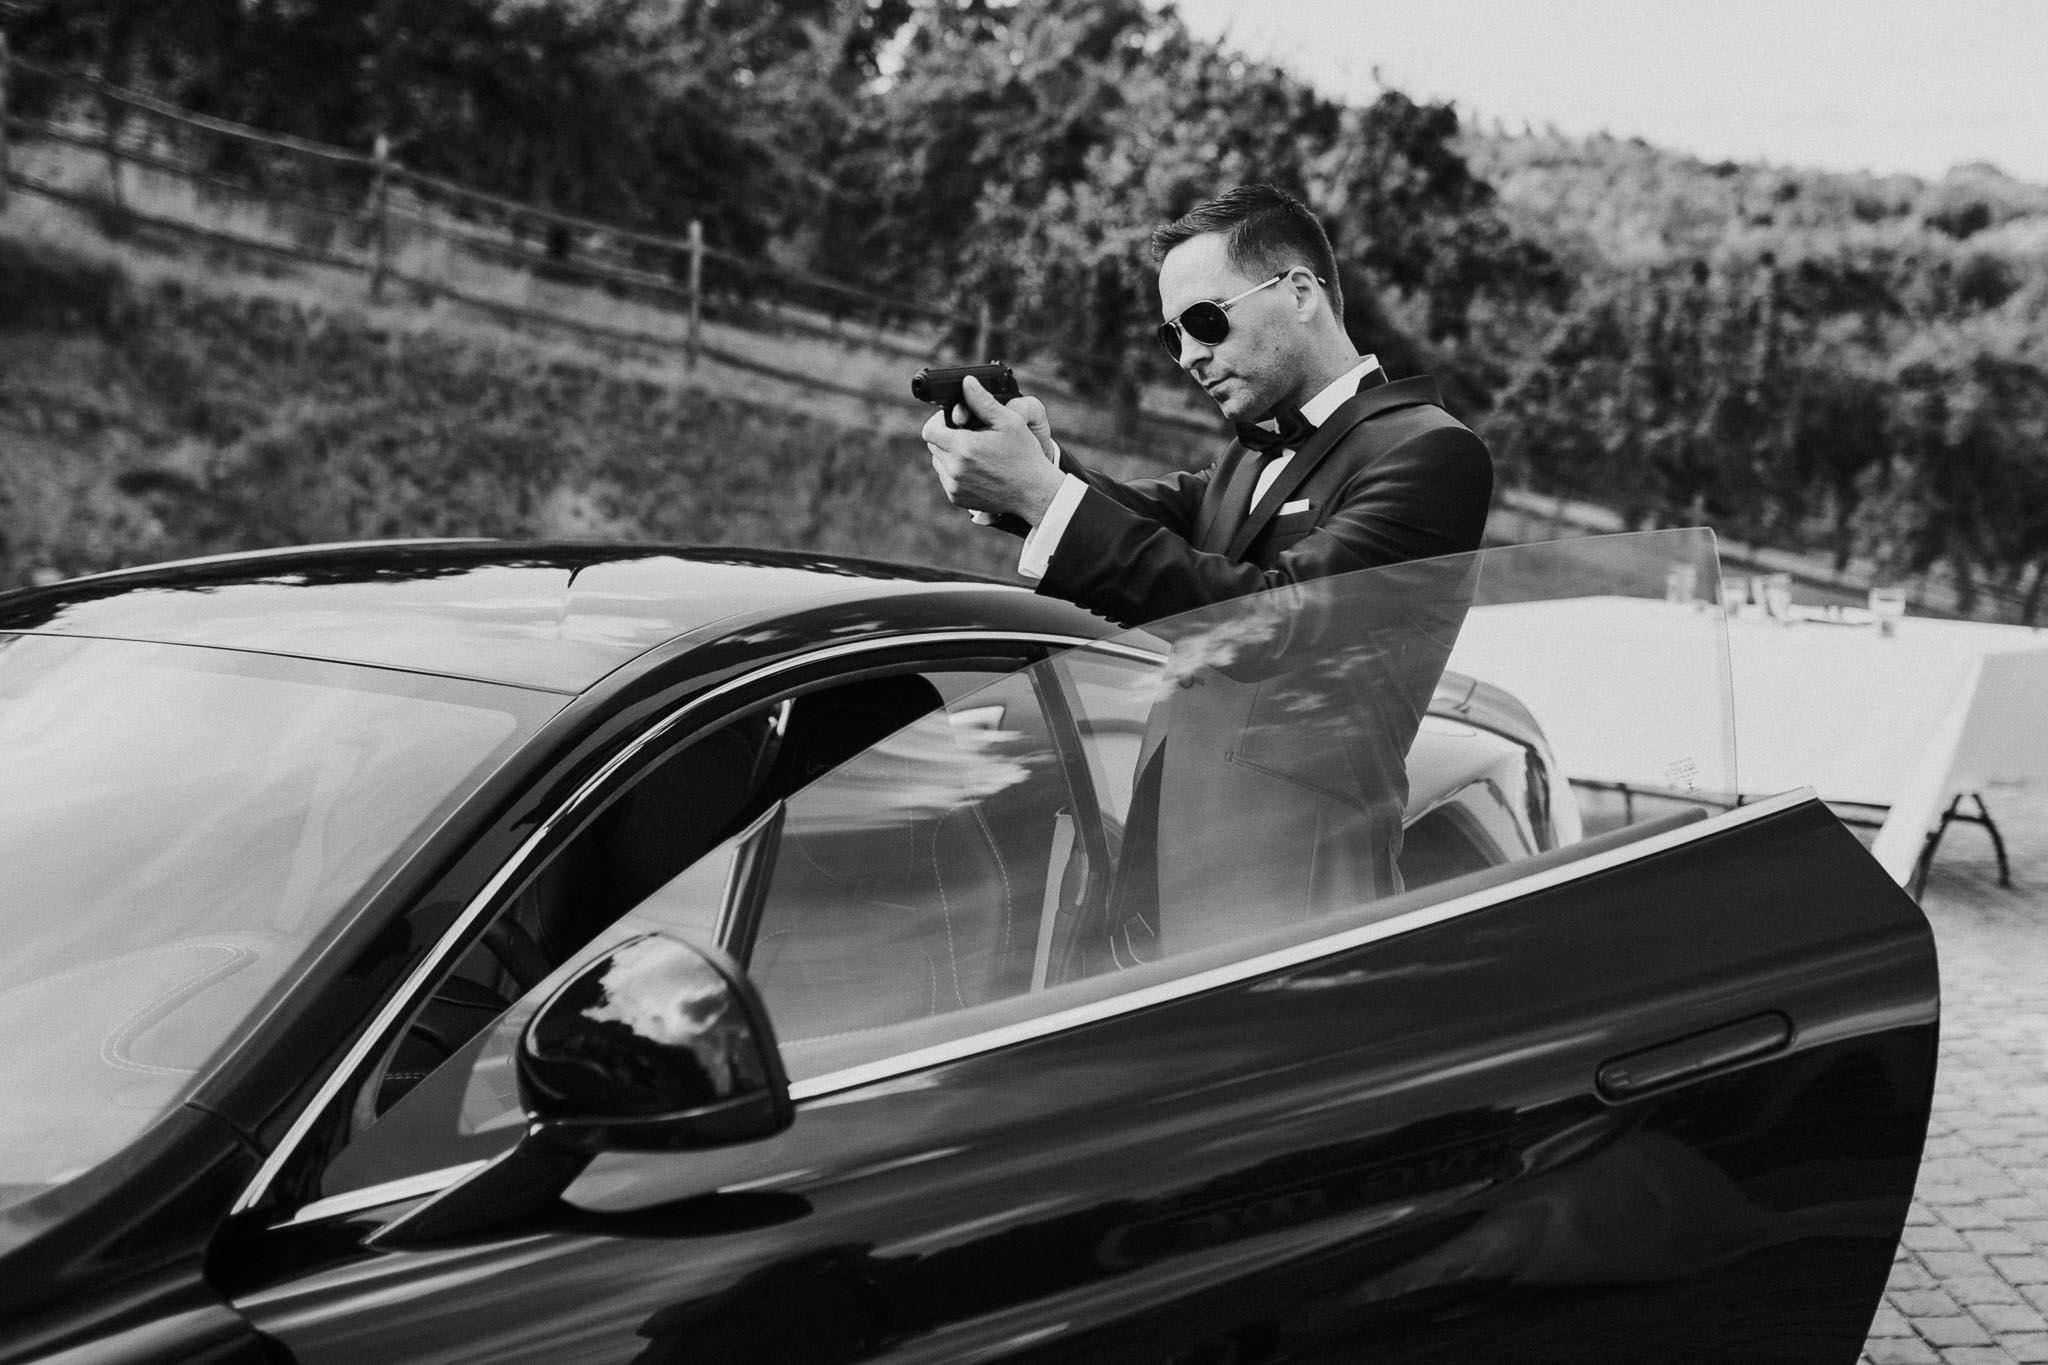 Oliver posiert als James Bond mit Waffe am Auto